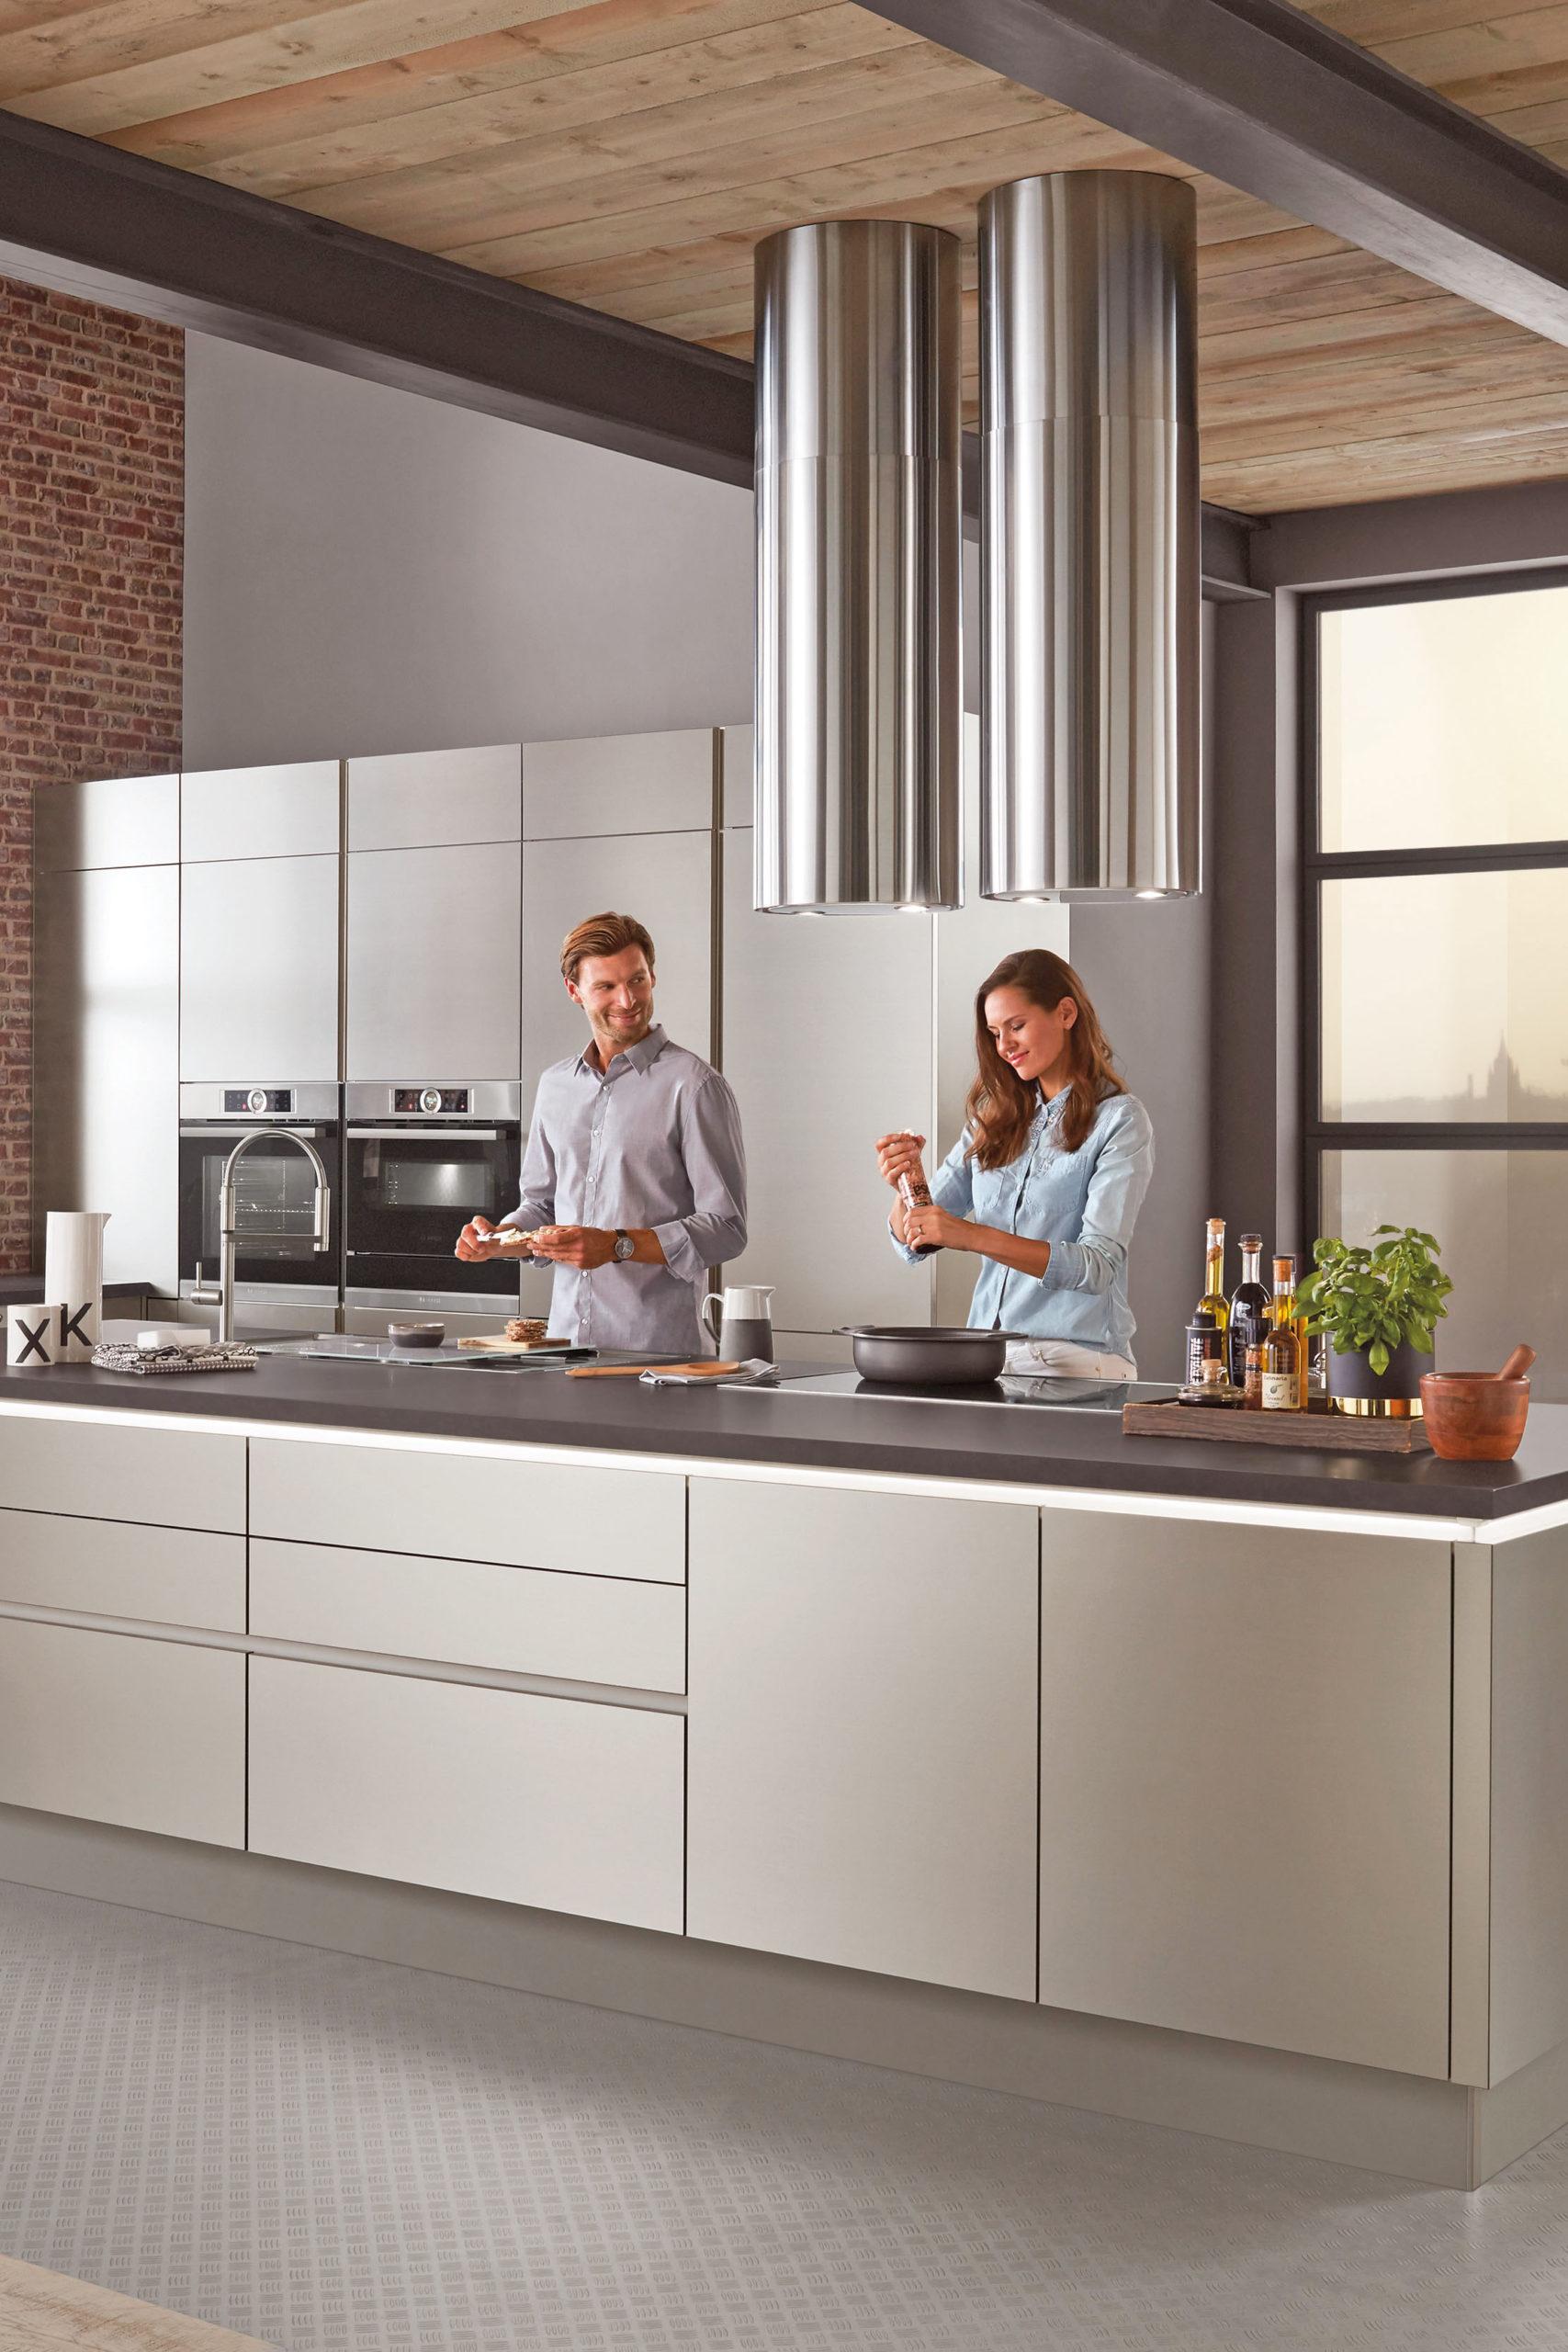 Zentrale Kücheninsel - Küchenplanung - Kochvergnügen nach Maß